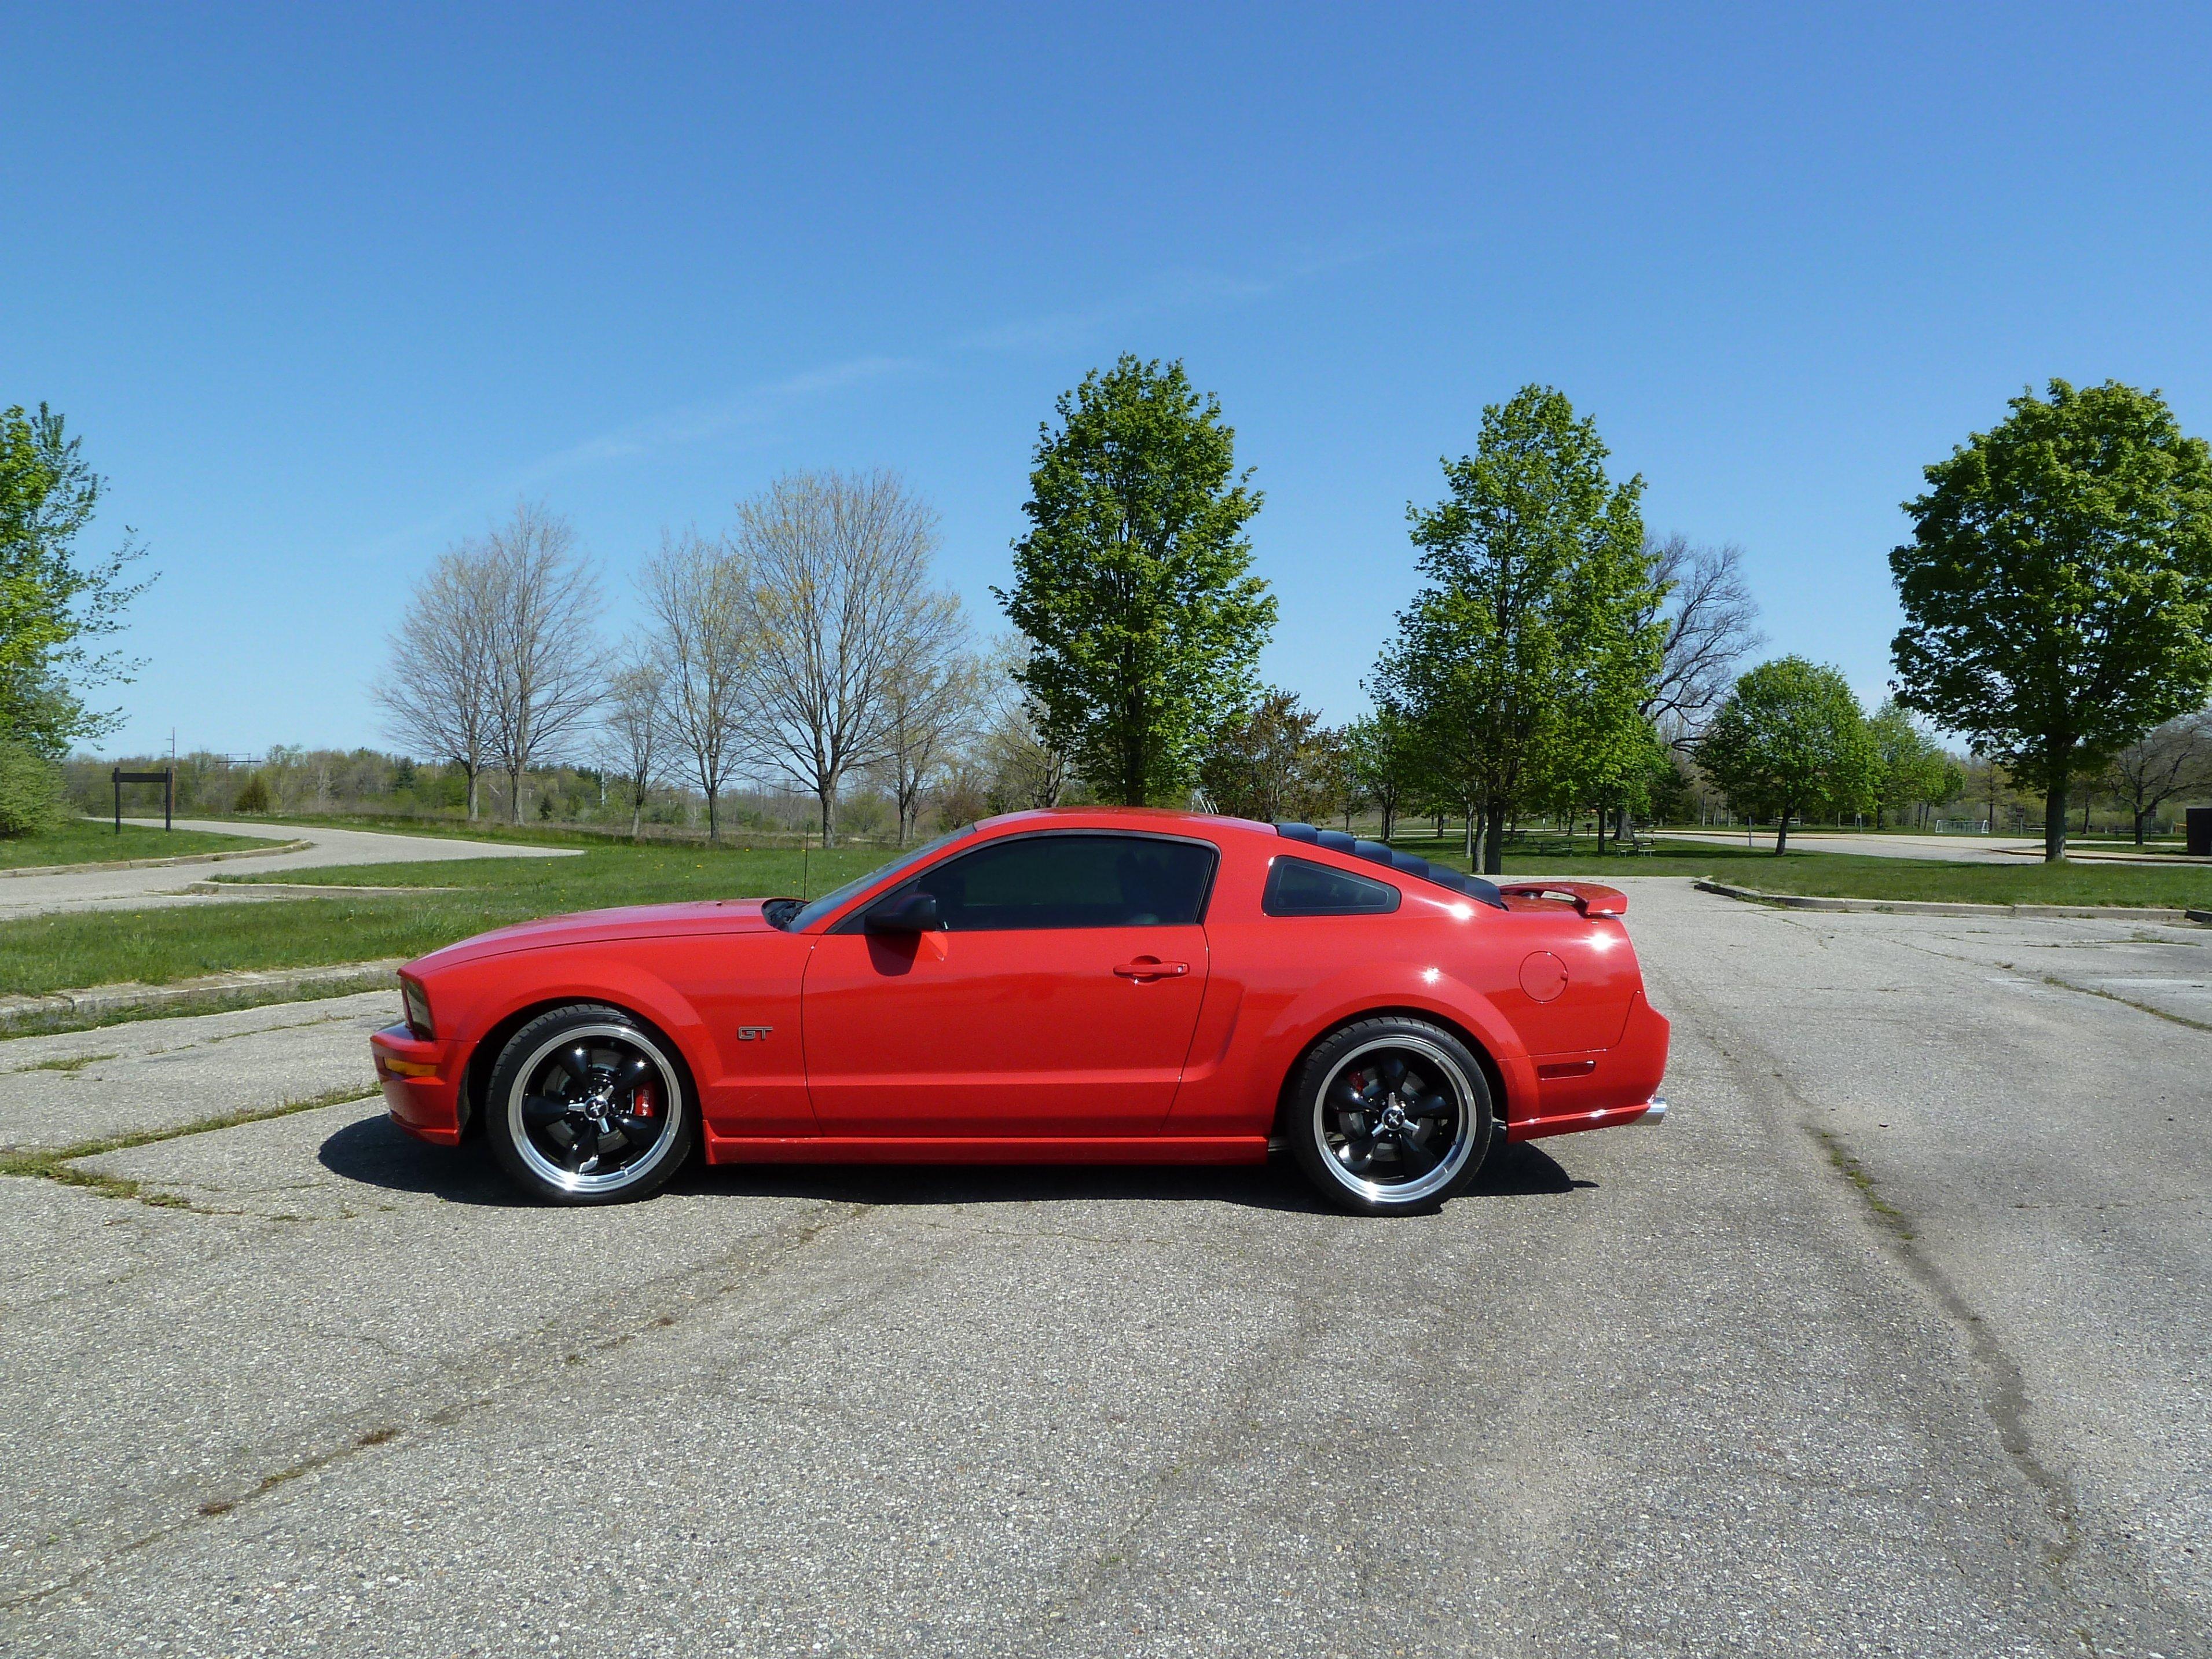 Chrome Rims Vs Black Rims Mustang Evolution